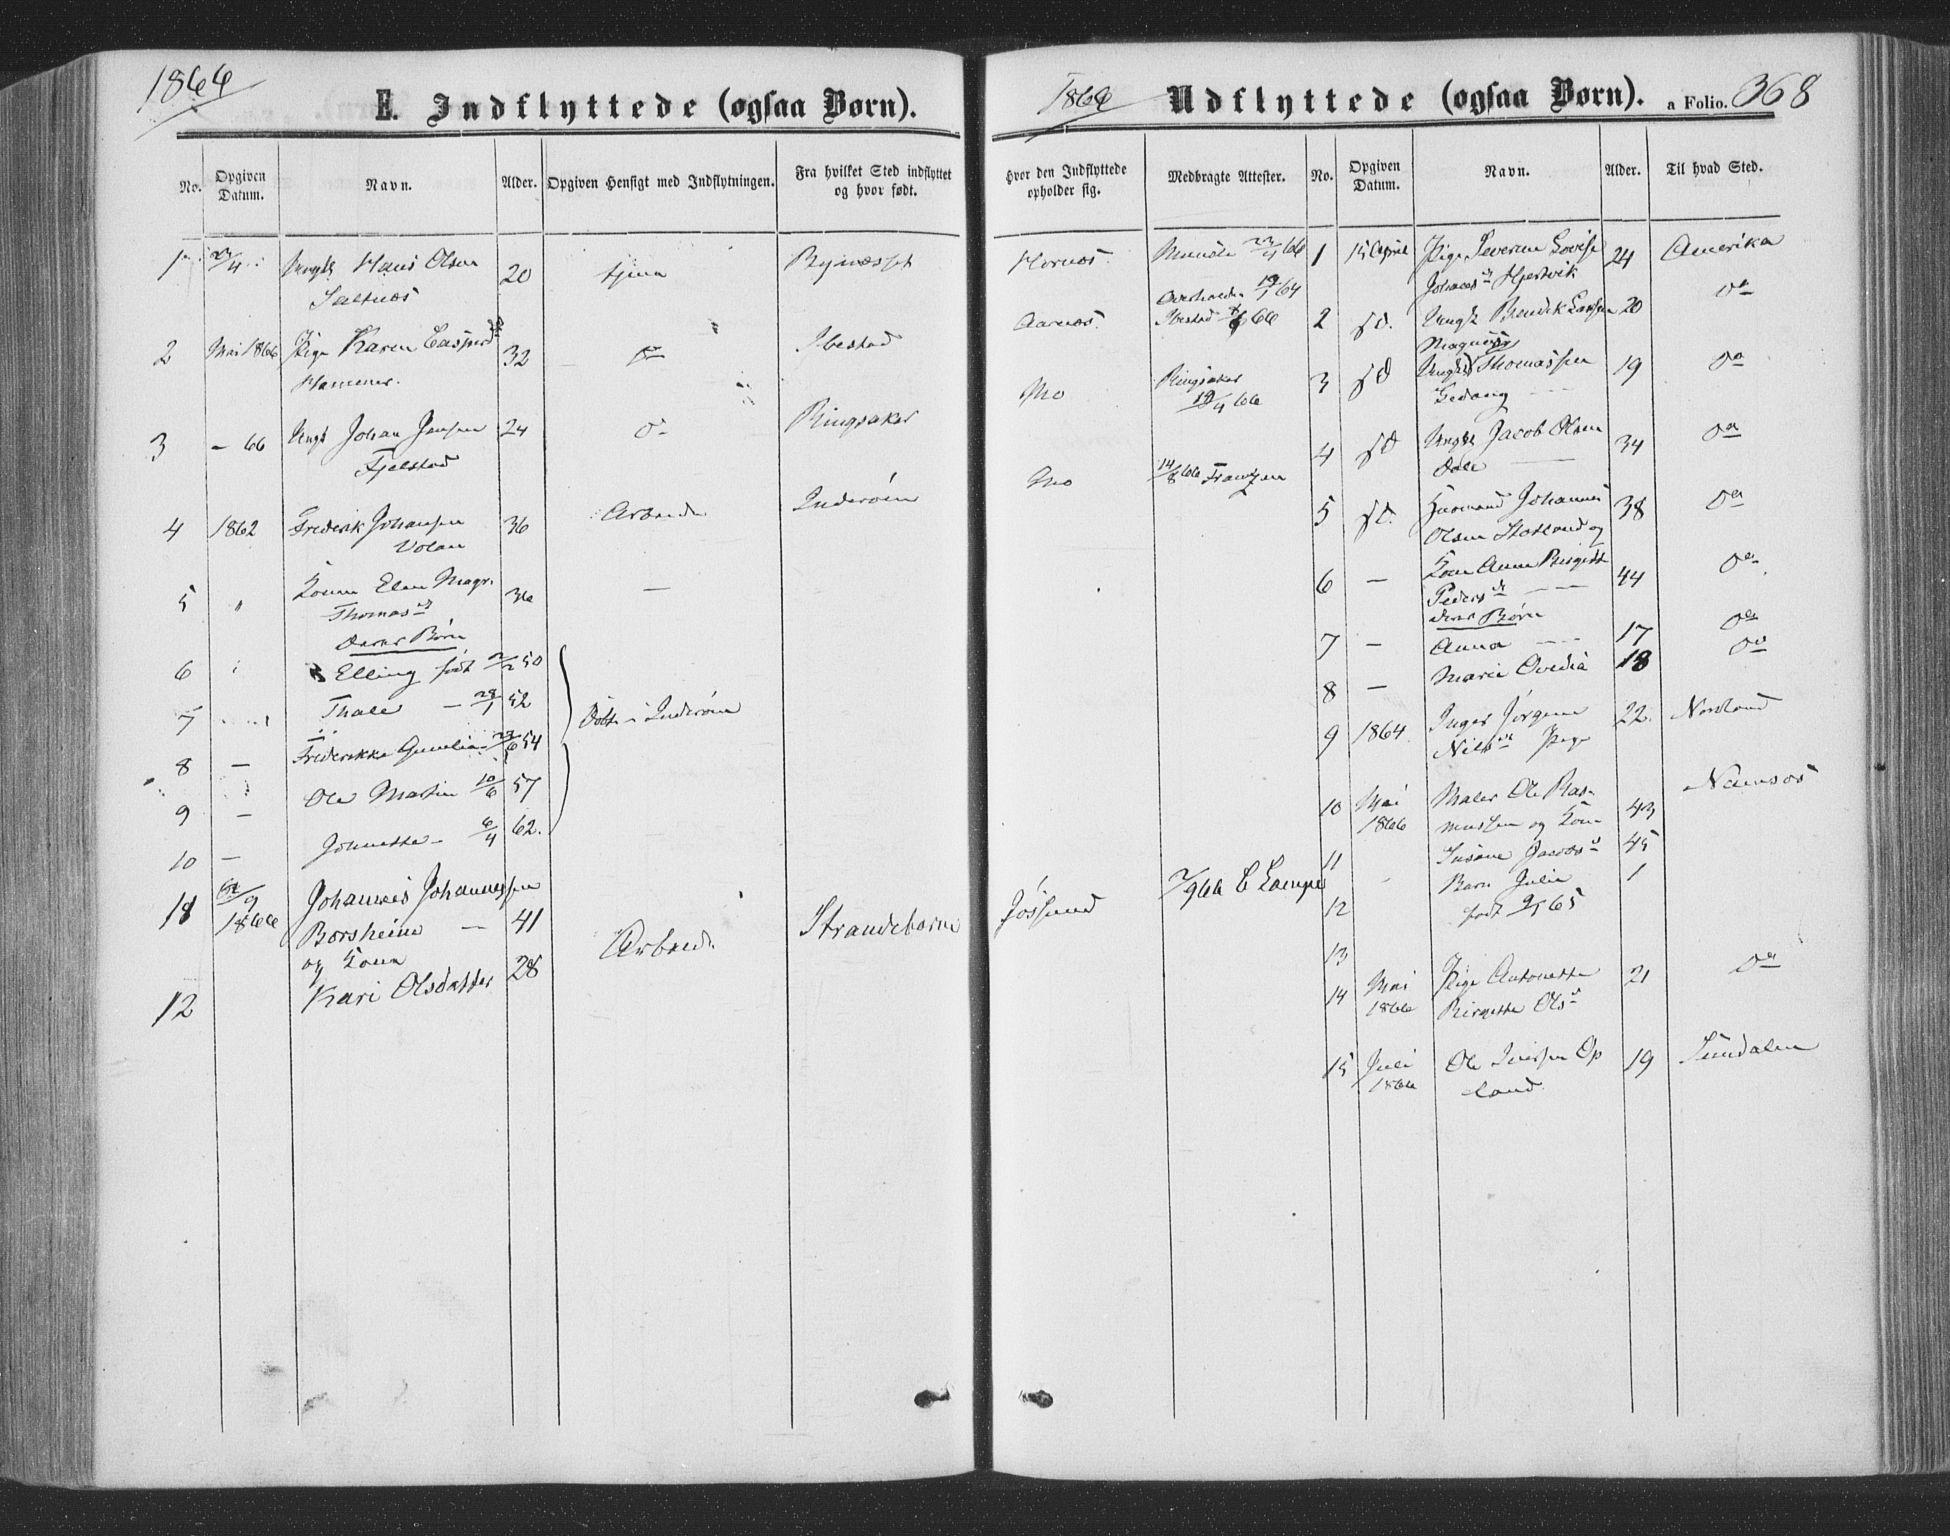 SAT, Ministerialprotokoller, klokkerbøker og fødselsregistre - Nord-Trøndelag, 773/L0615: Ministerialbok nr. 773A06, 1857-1870, s. 368